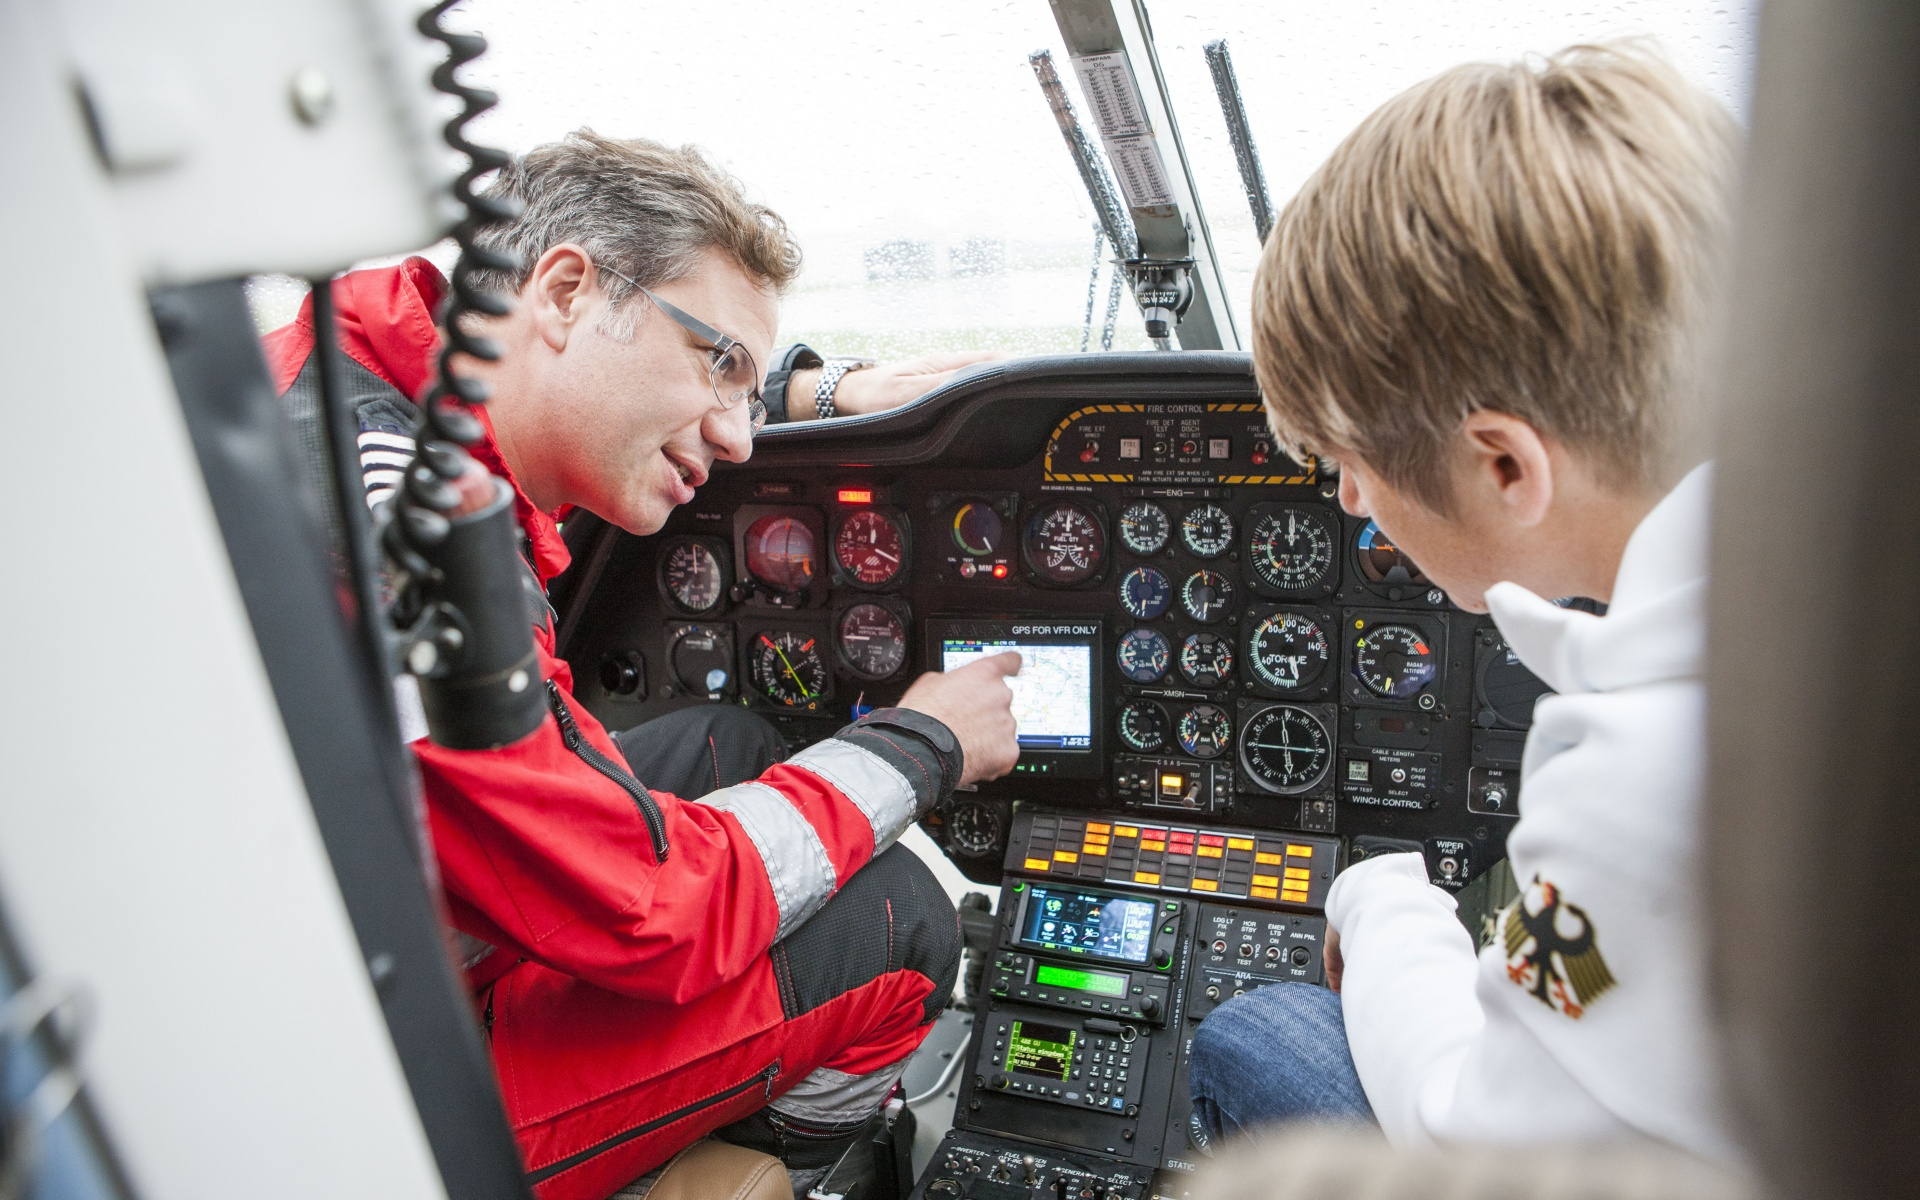 Anschließend erklärt der frühere Bremer Pilot und heutige Stationsleiter in Mannheim seinen Arbeitsbereich: das Cockpit der BK 117.